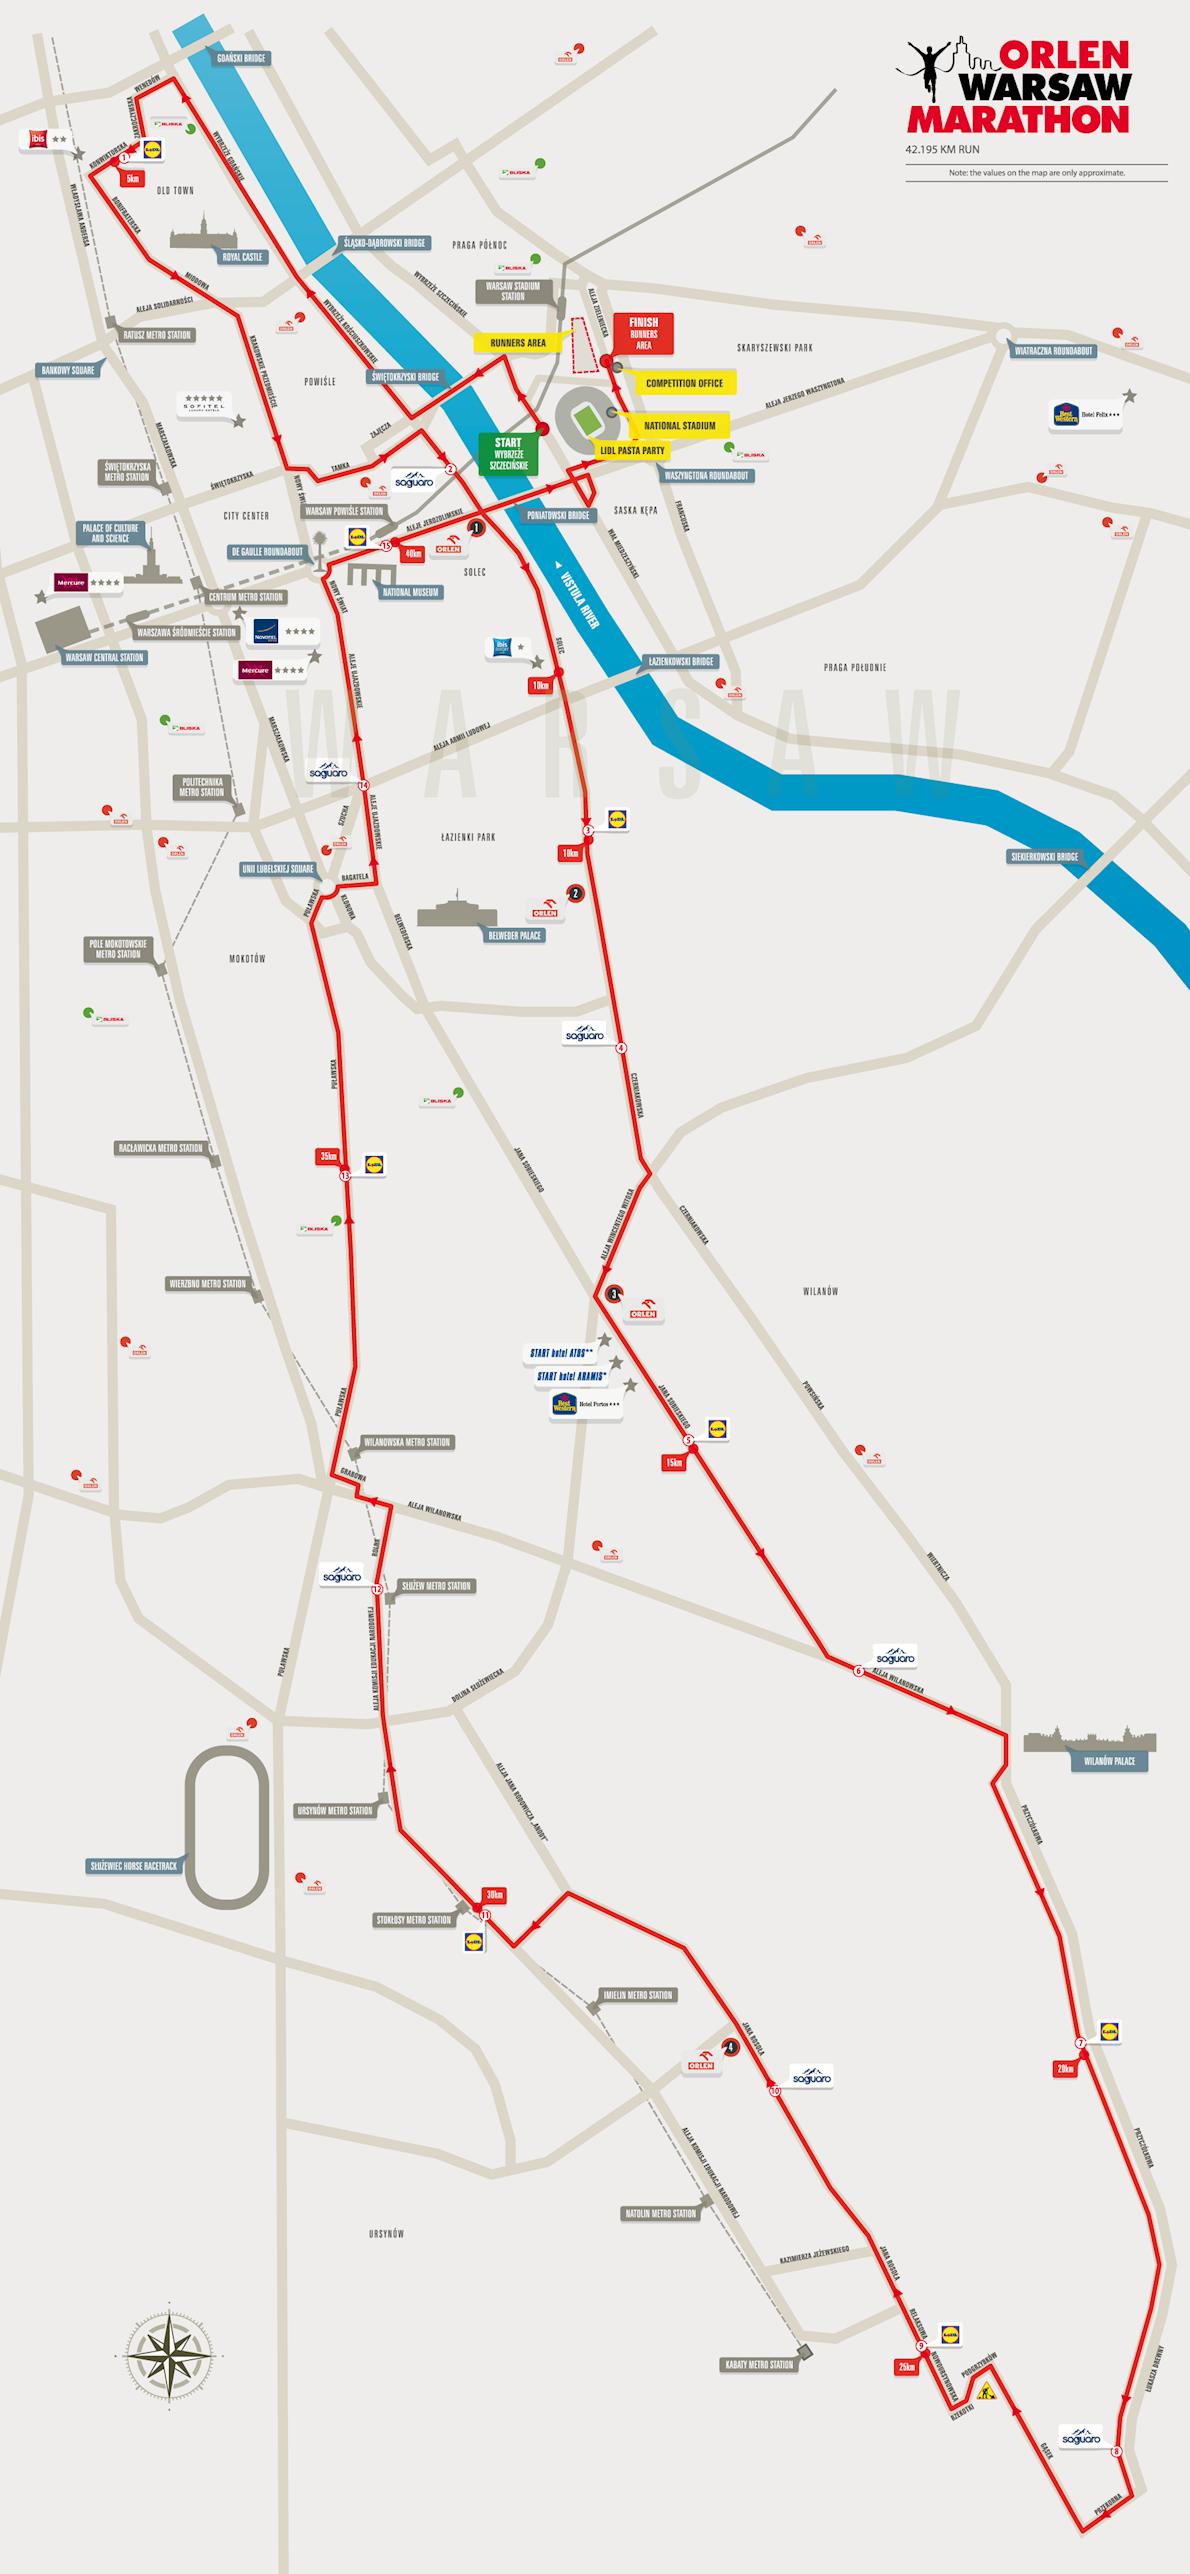 Orlen Warsaw Marathon Route Map